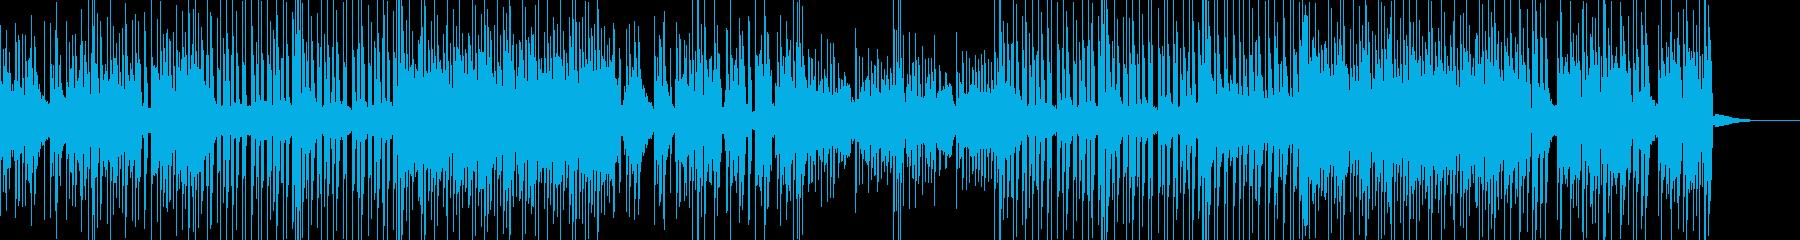 楽しく明るくほのぼのとした雰囲気のBGMの再生済みの波形